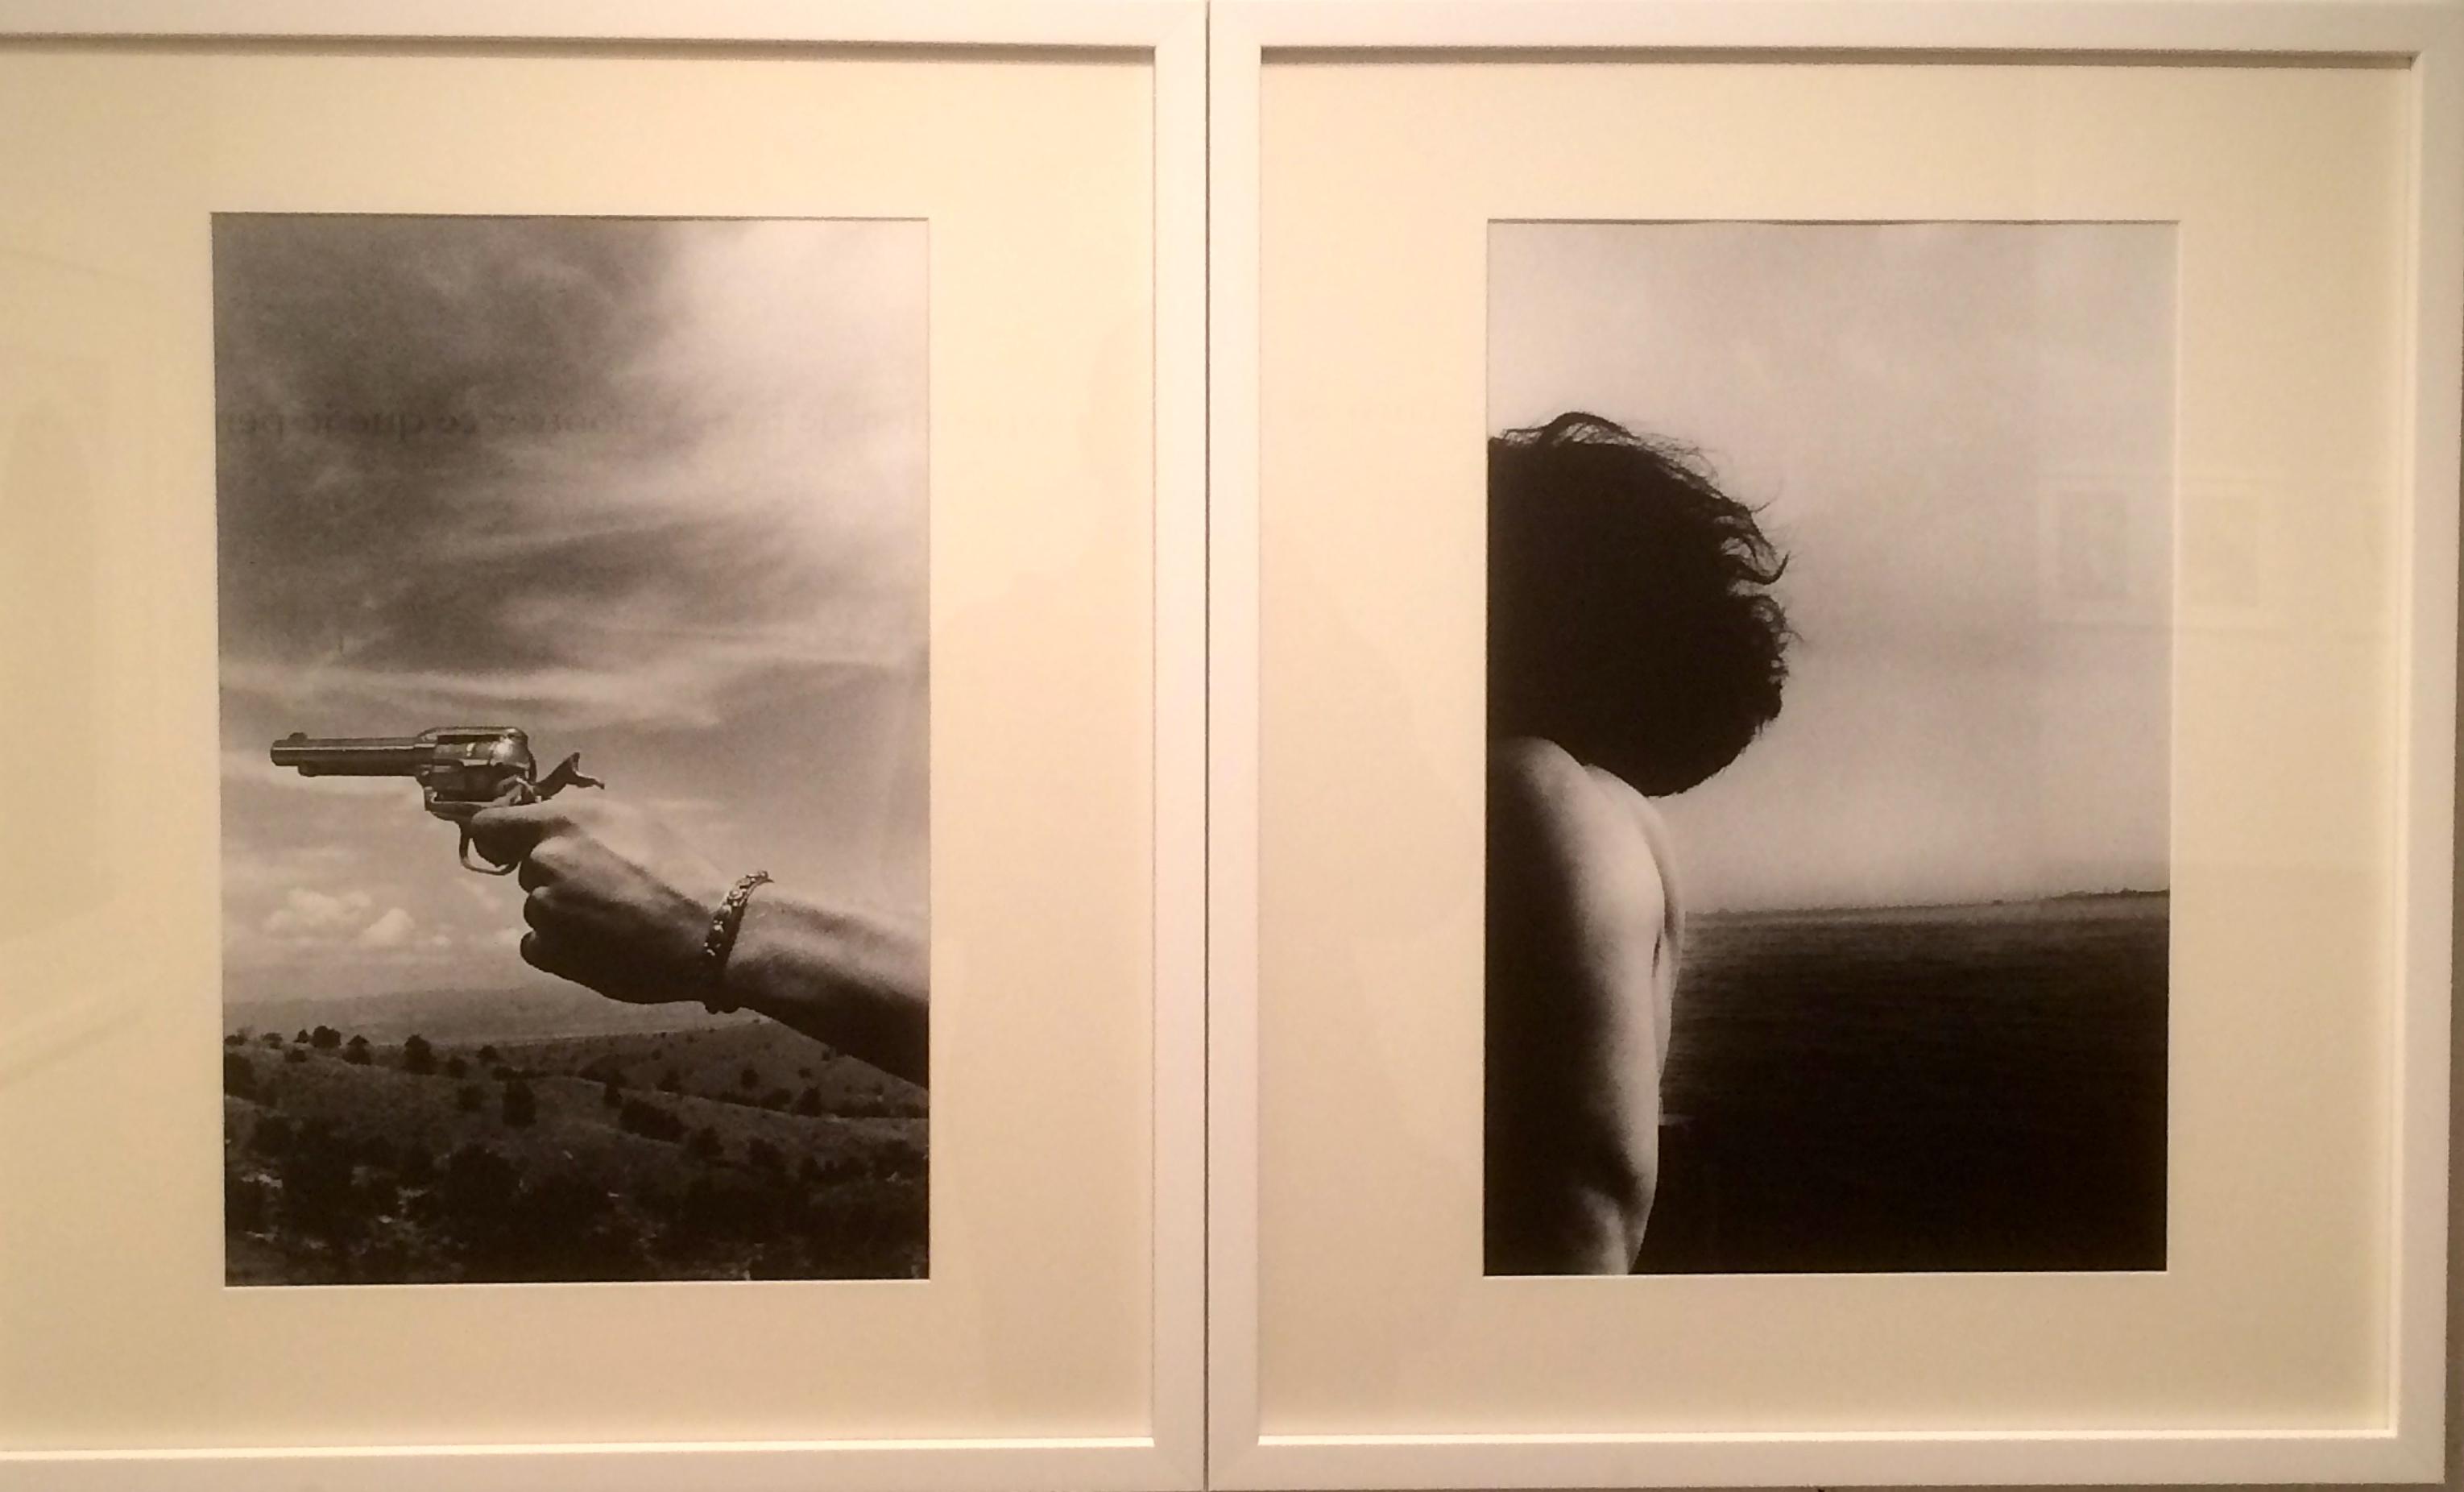 Ralph Gibson Déjà-vu : rapprochement visuel opéré en une image double étant lu comme unifiée.